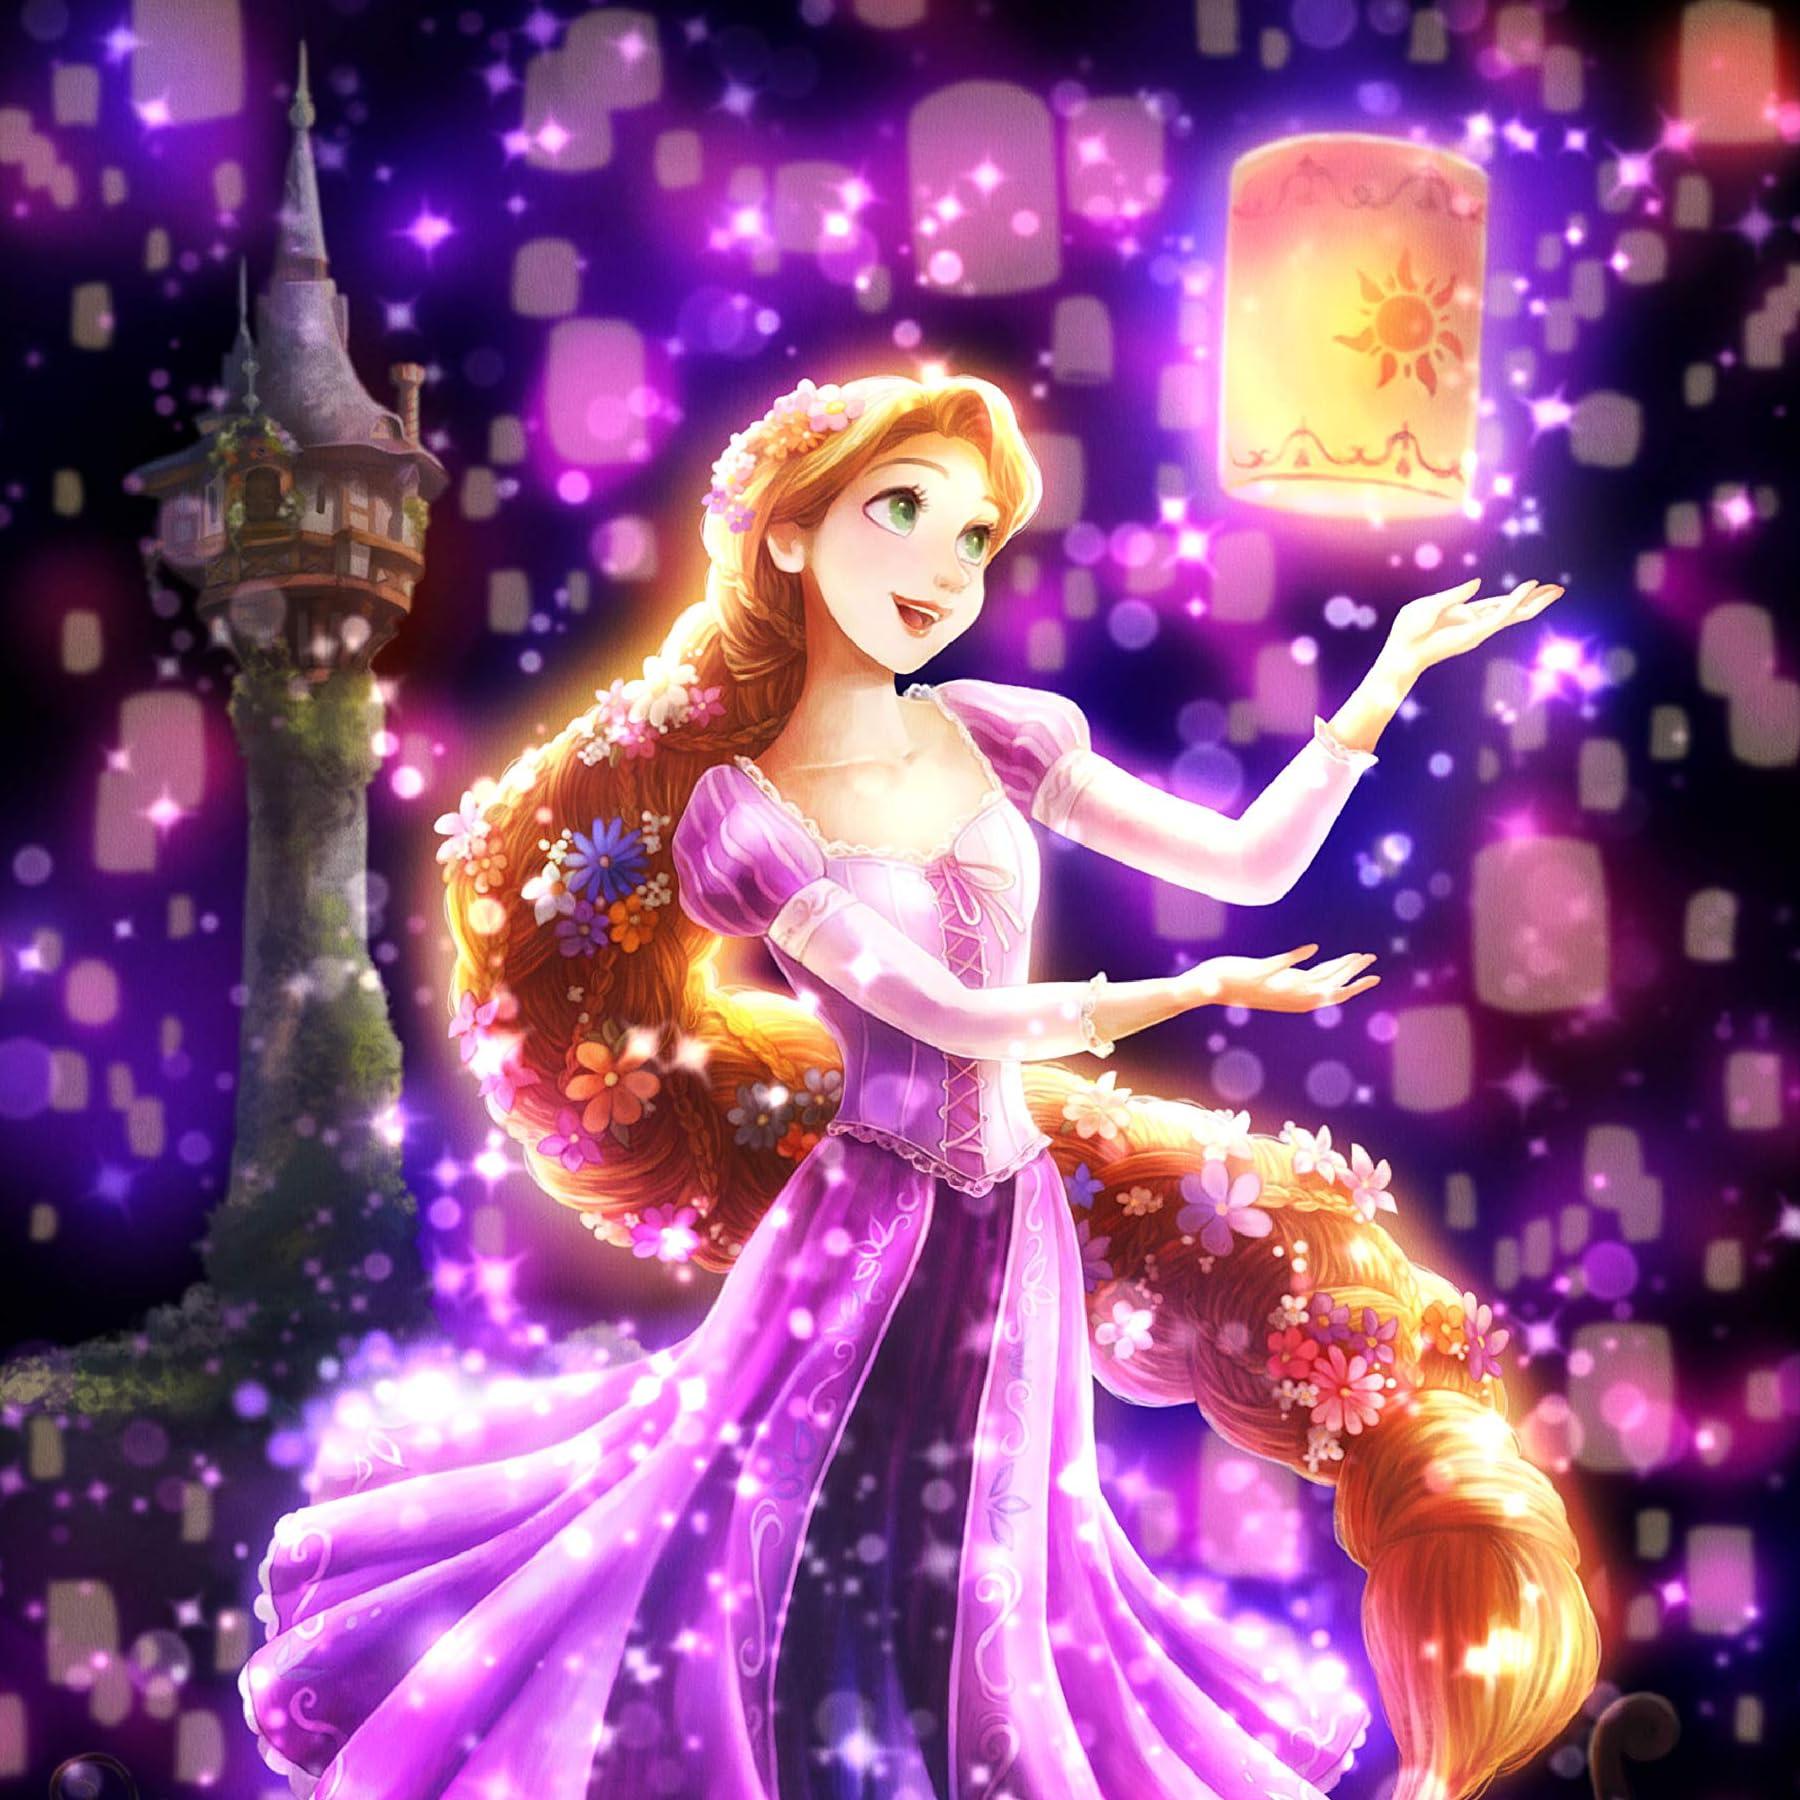 ディズニー Ipad壁紙 夜空に灯る夢 ラプンツェル アニメ スマホ用画像